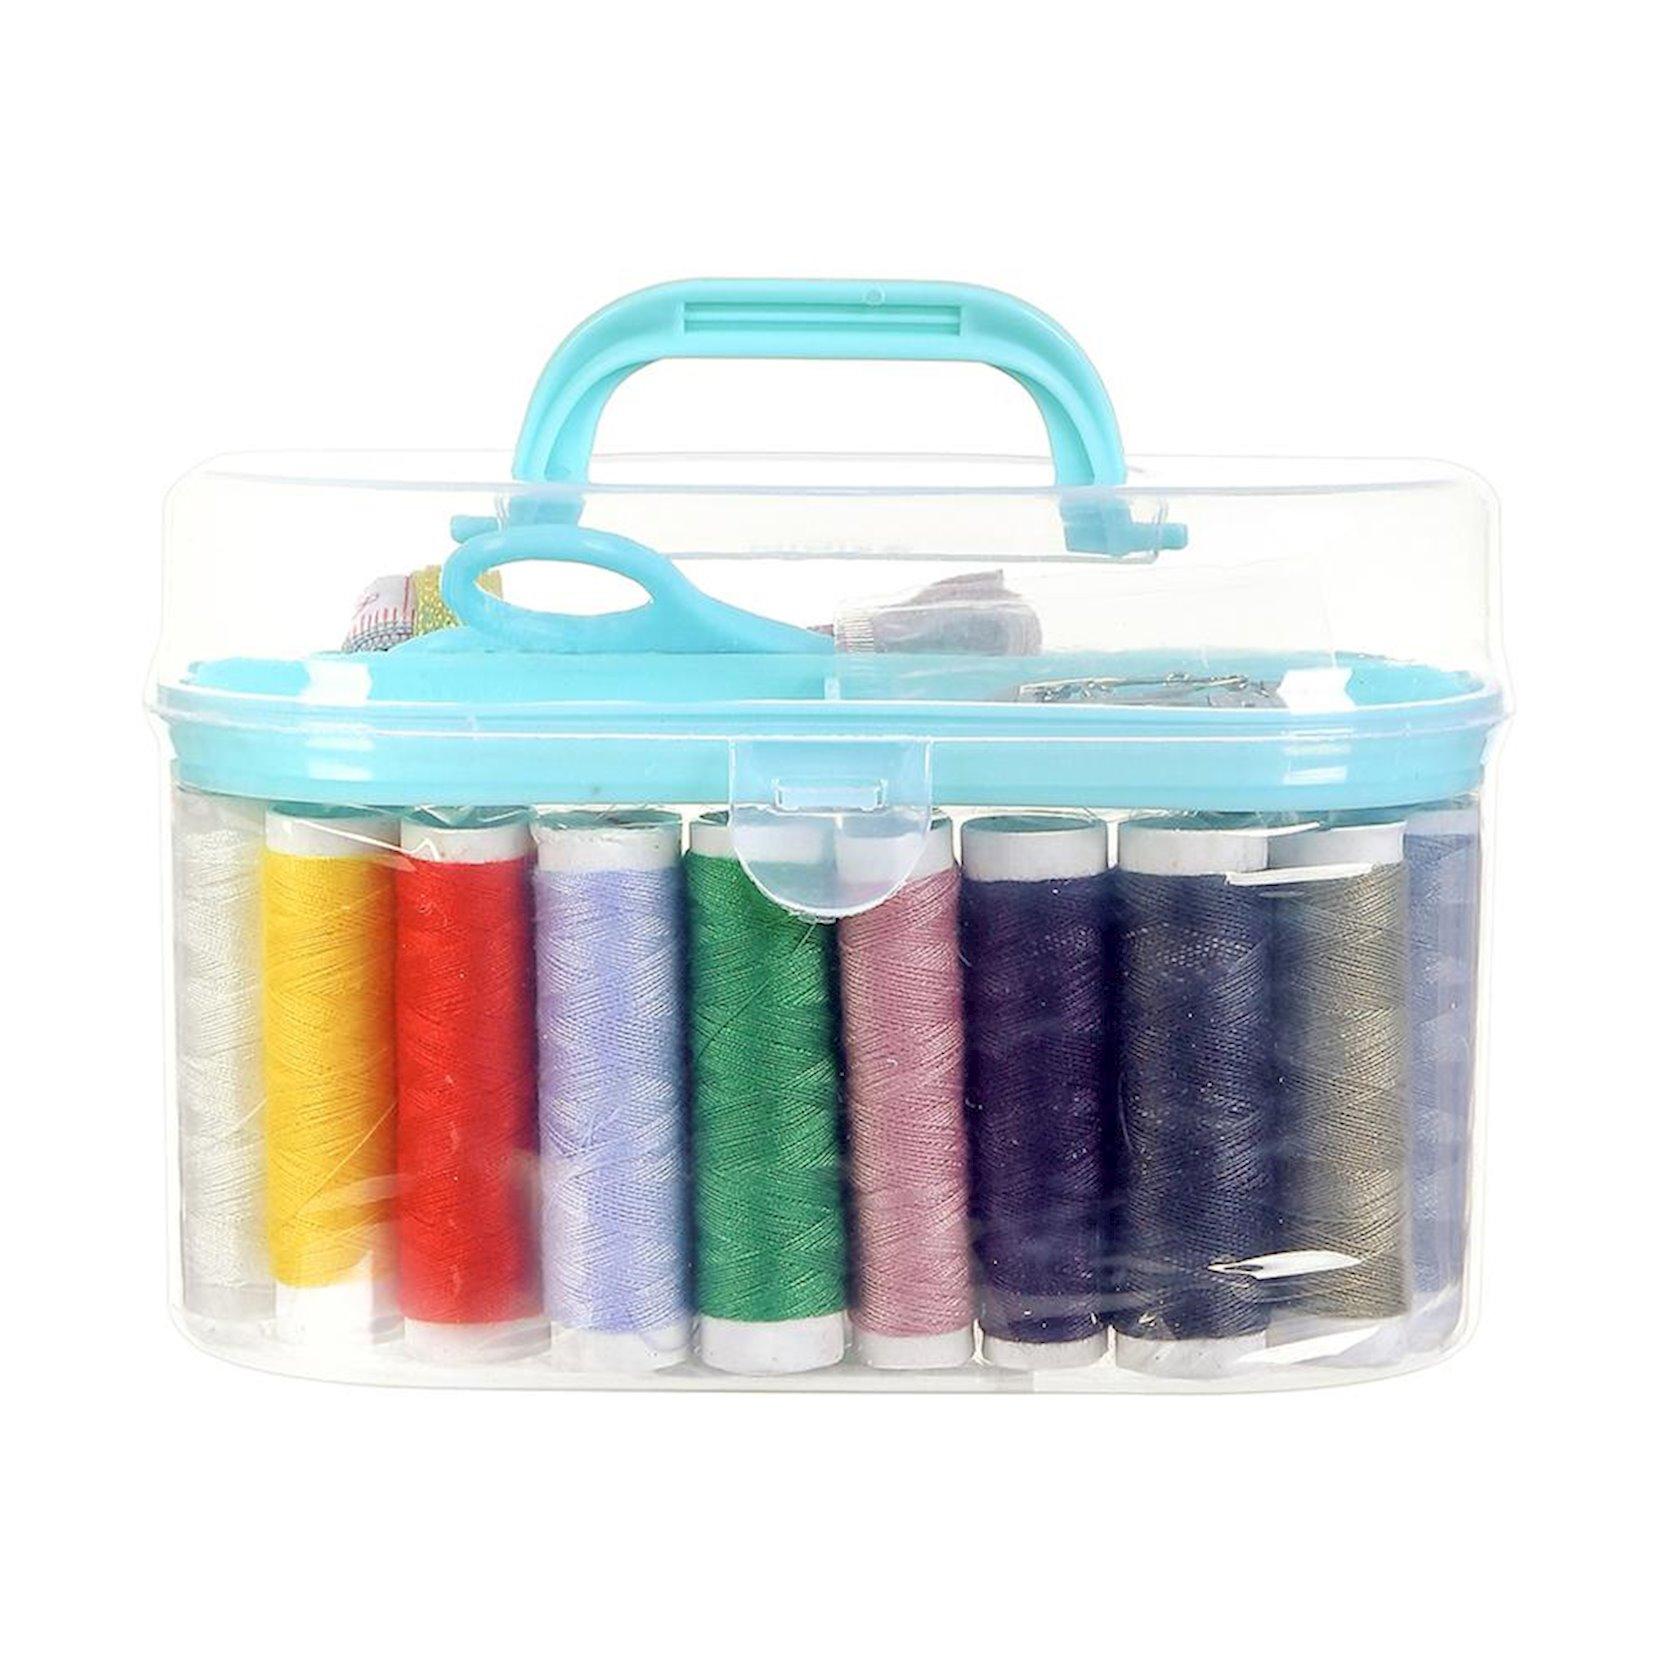 Tikiş dəsti Miniso Sewing Box, şəffaf/açıq yaşıl, 16x8.5x9.5 sm